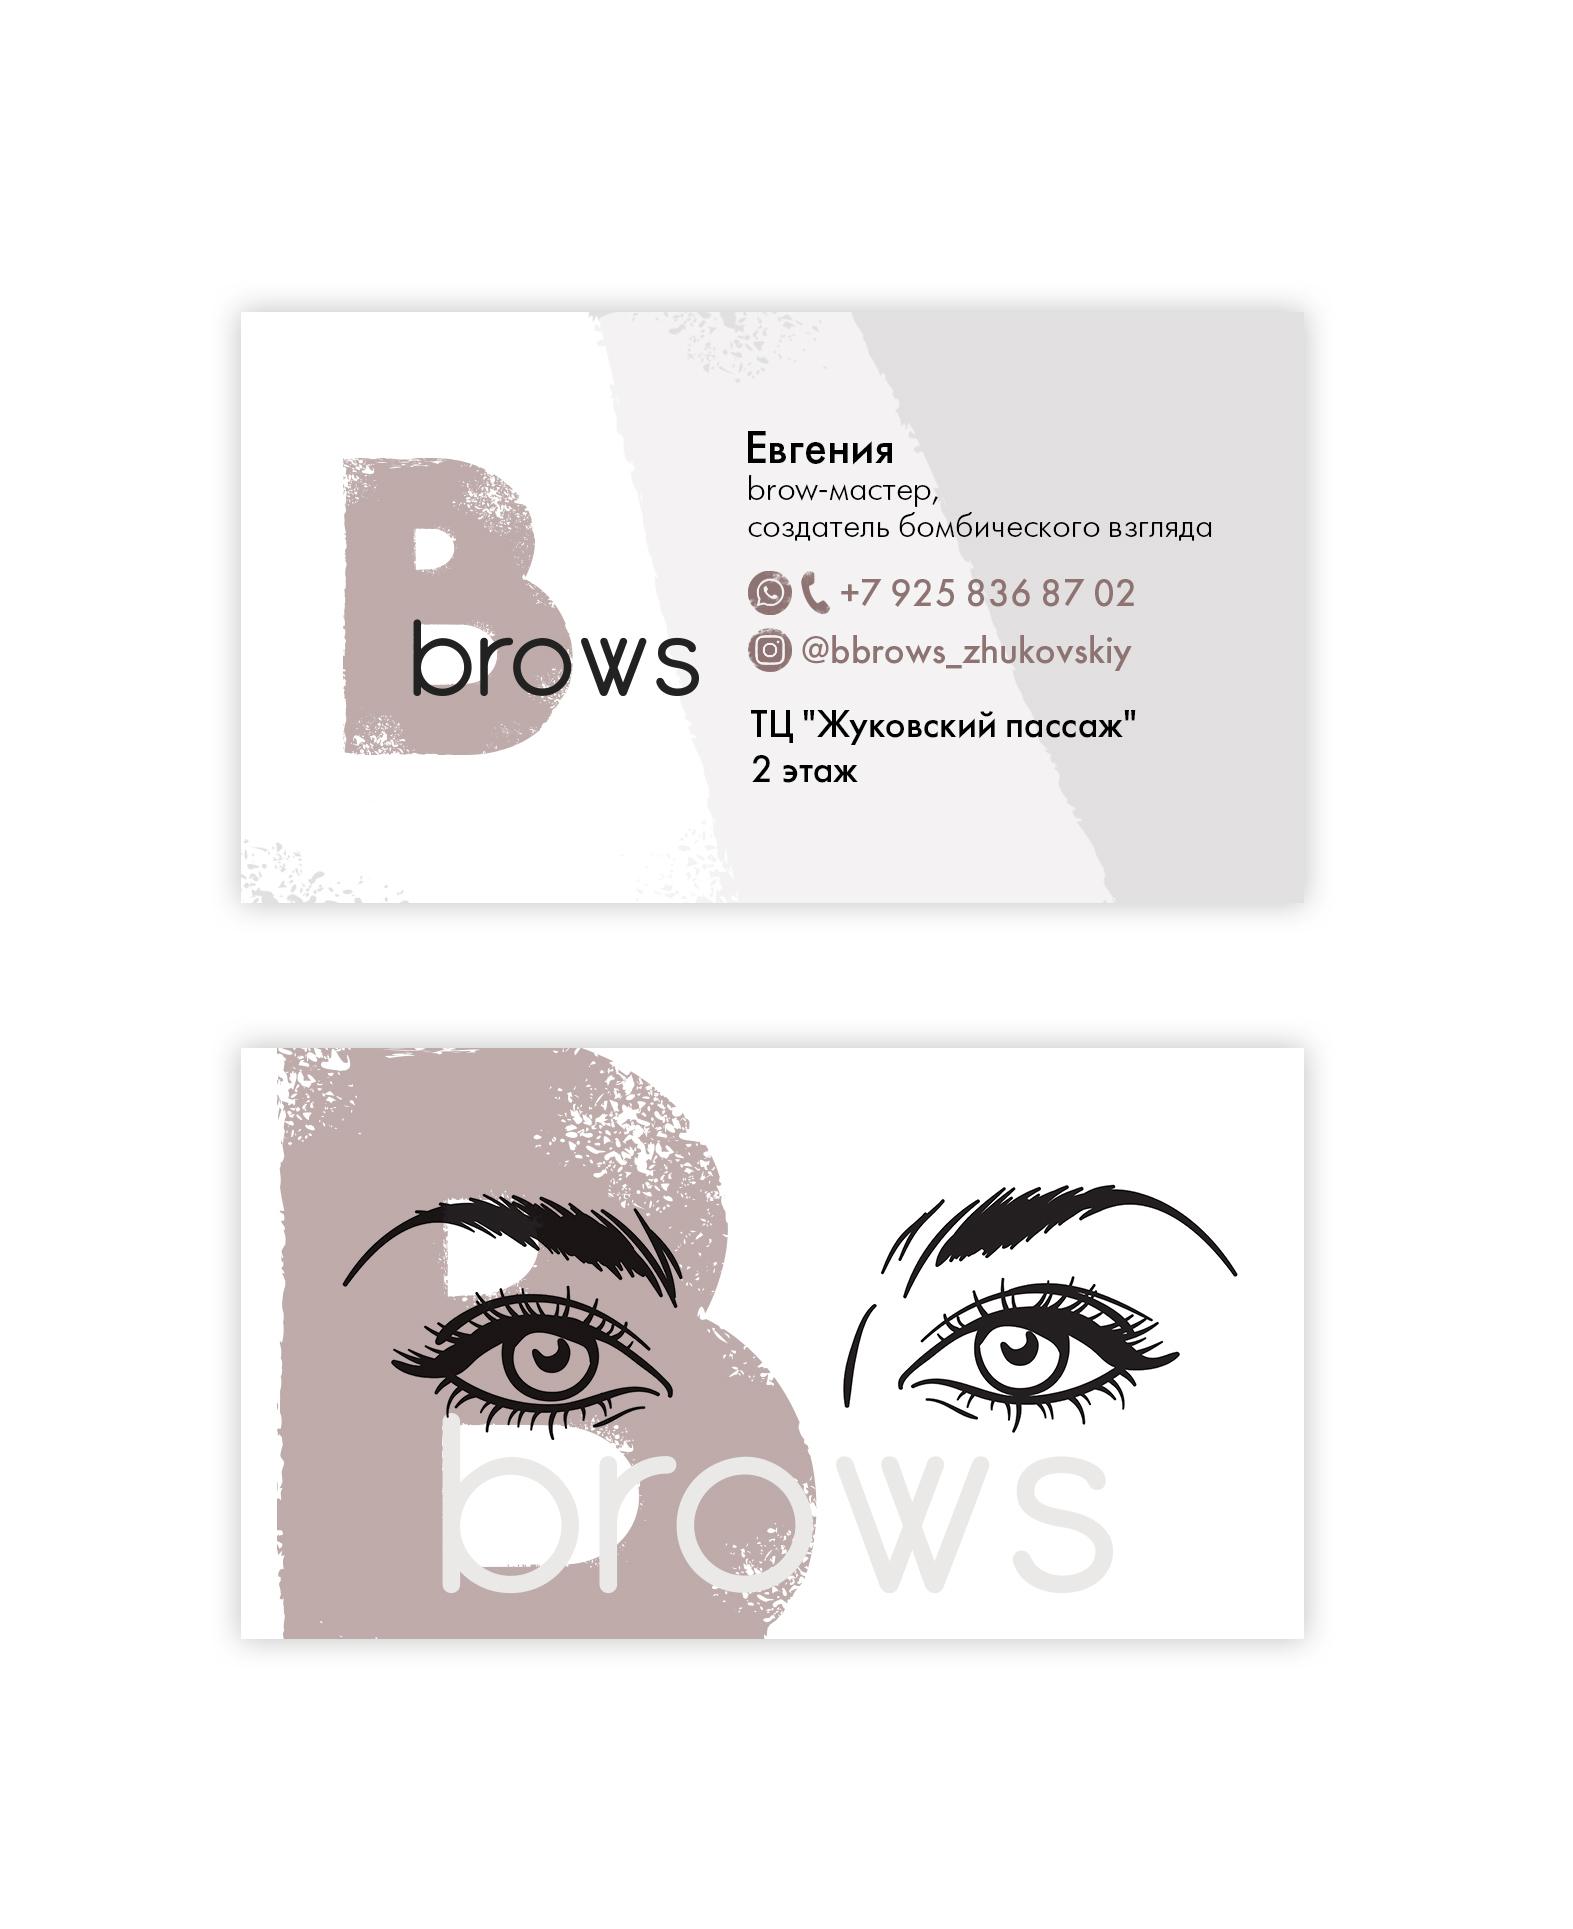 визитка для BBrows